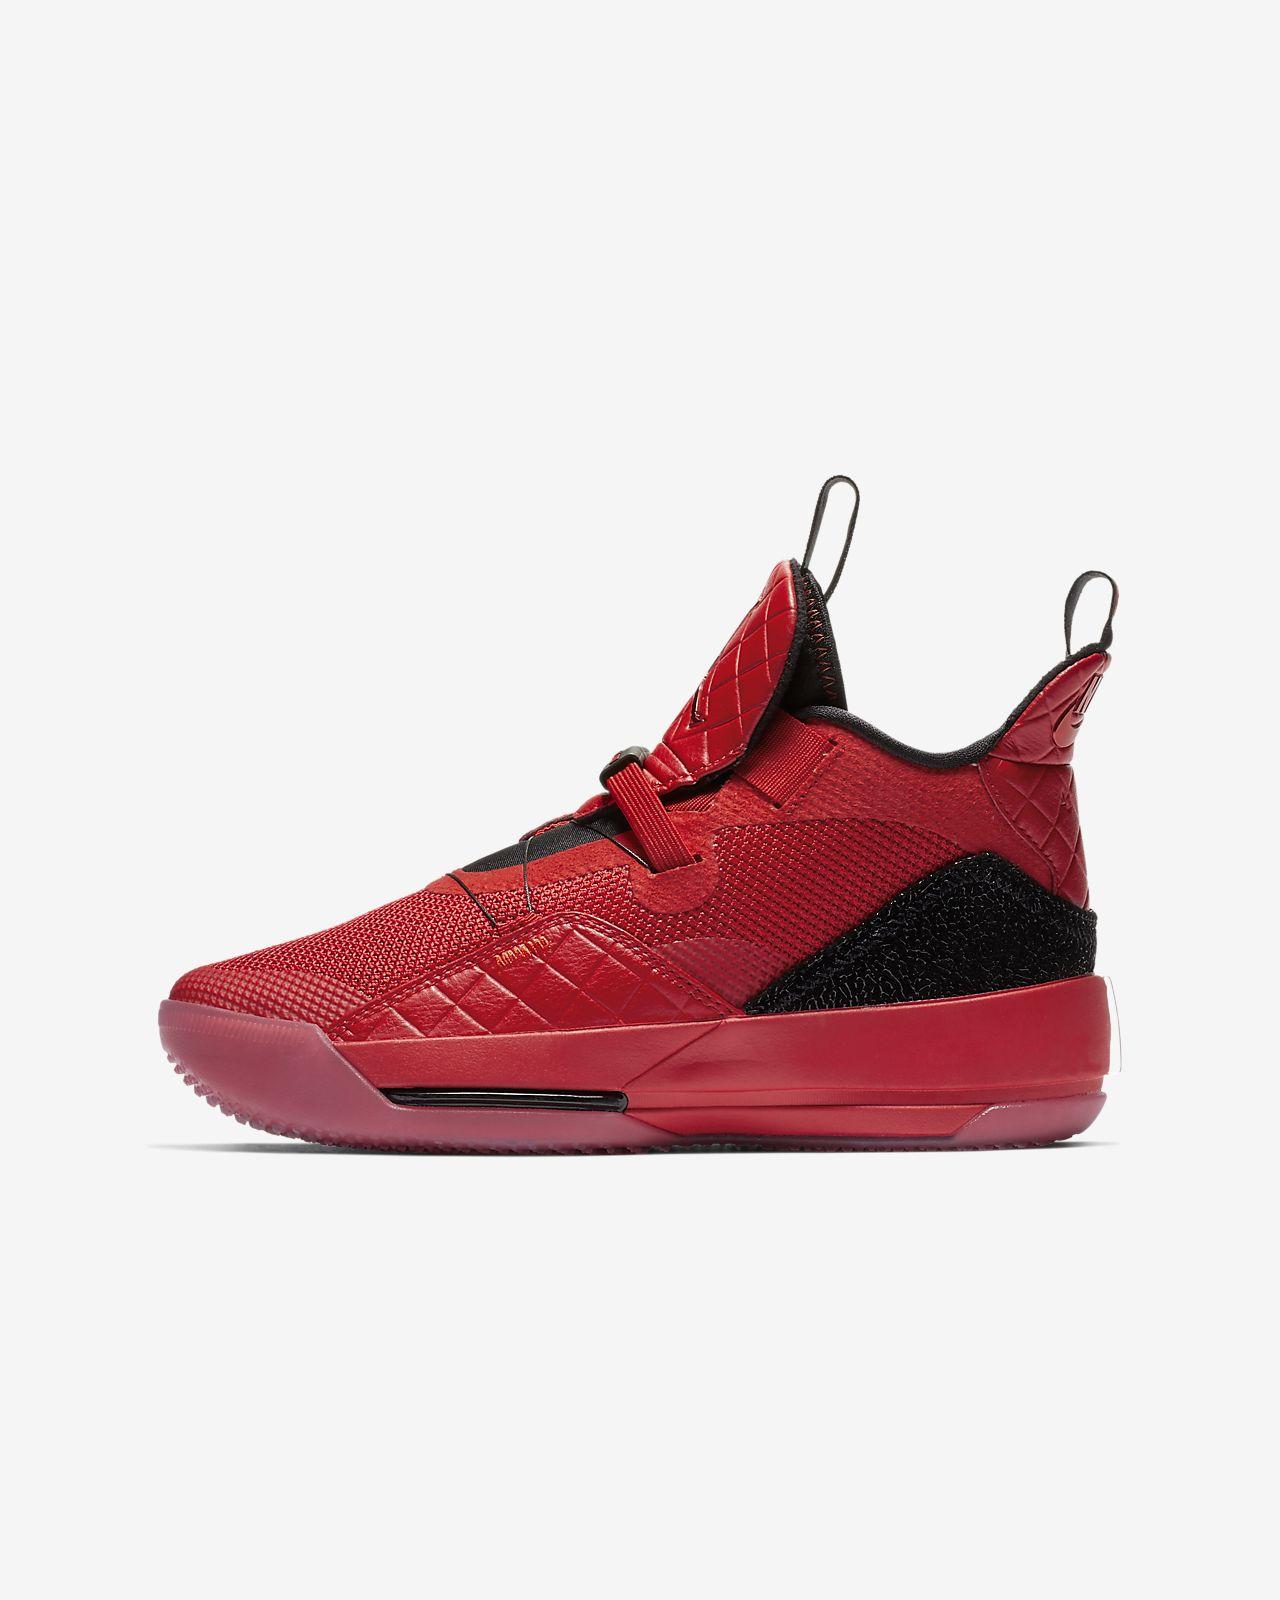 Sapatilhas de basquetebol Air Jordan XXXIII Júnior